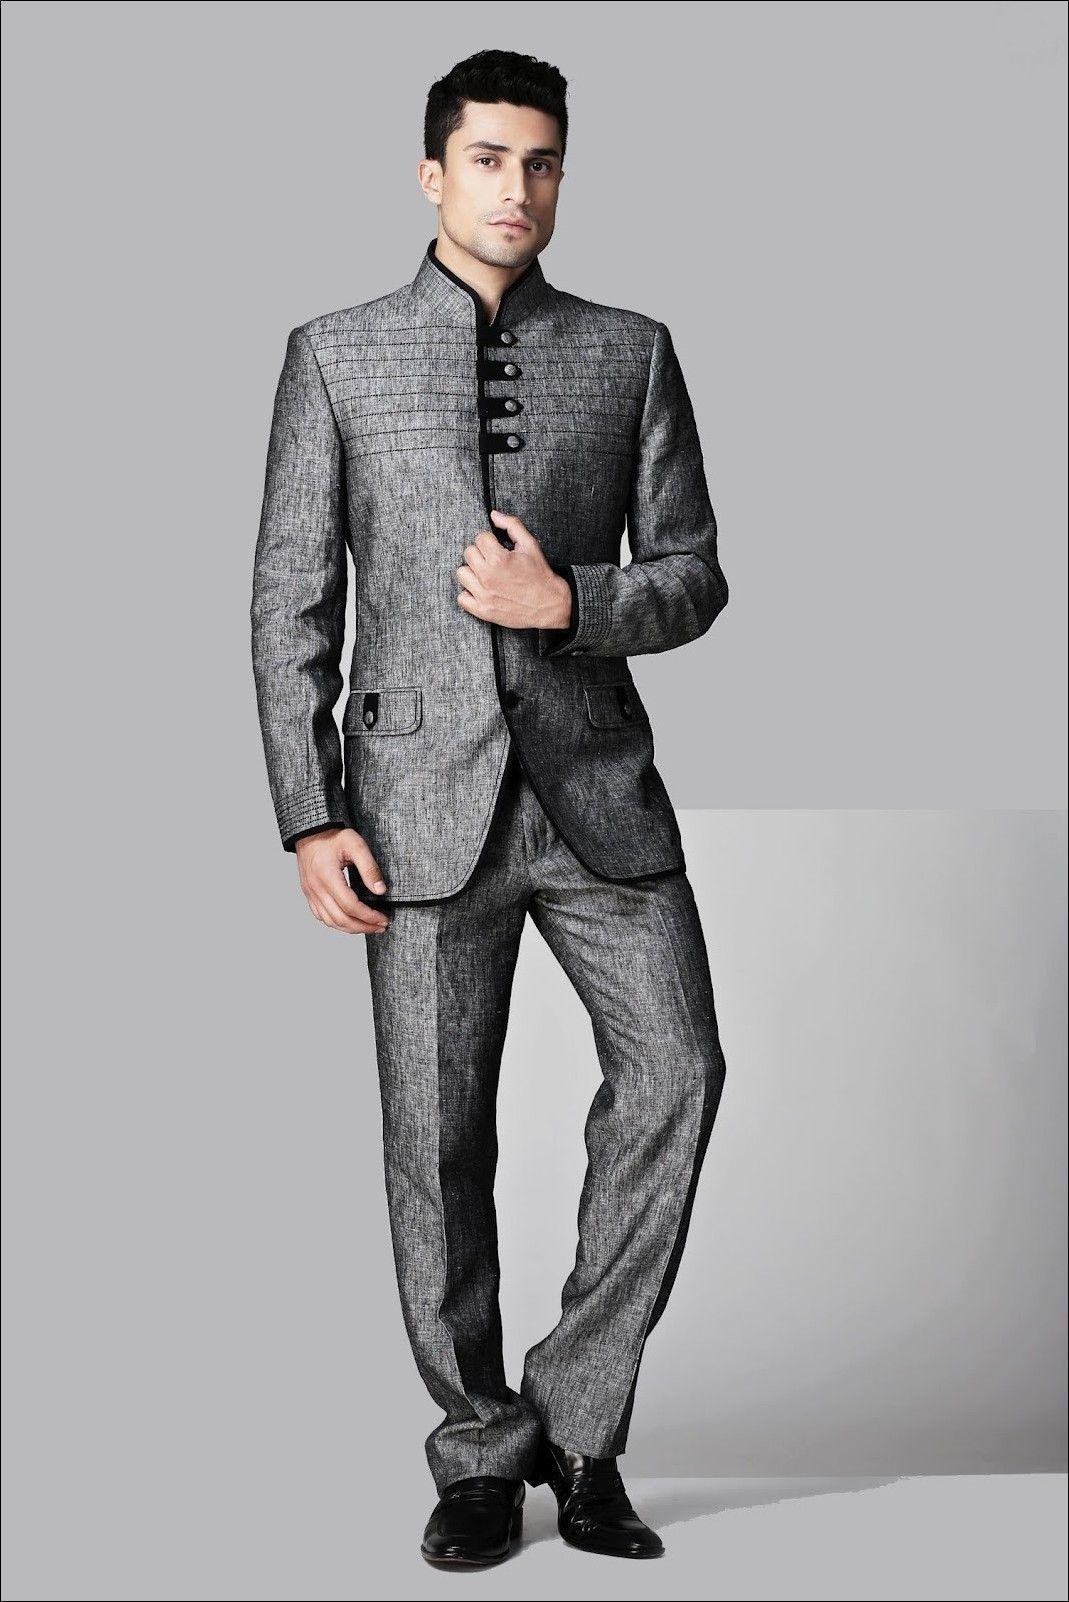 mens suits wedding | men fashion suit | Pinterest | Mens suits